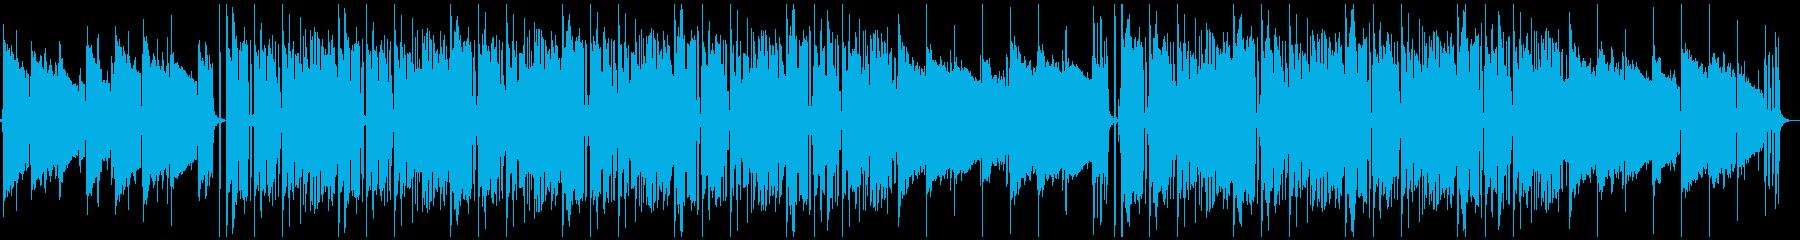 シックな映像、番組、CM/ゆっくりテンポの再生済みの波形